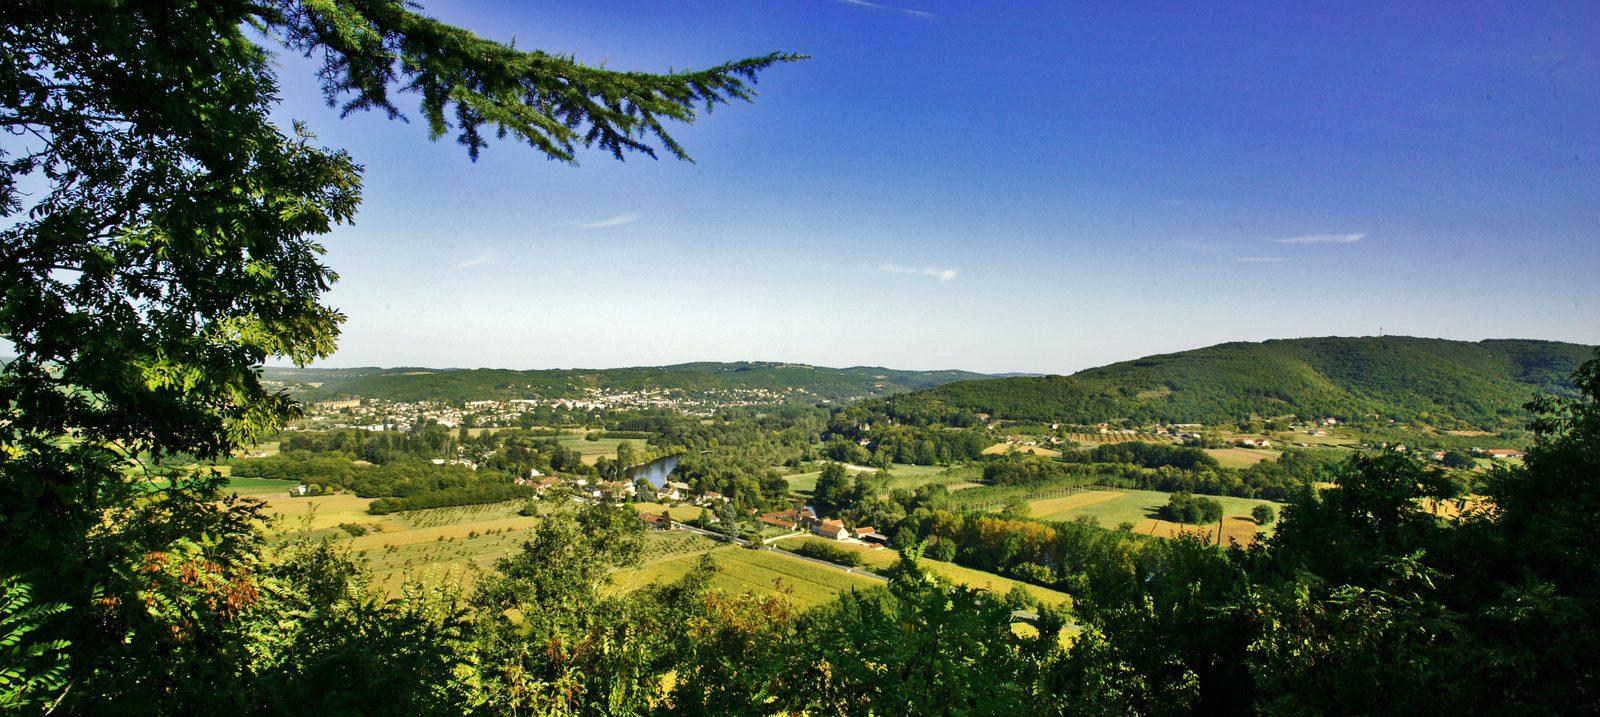 Vakantie, Frankrijk, natuur, kleinschalig, Dordogne, vakantiehuis, luxe